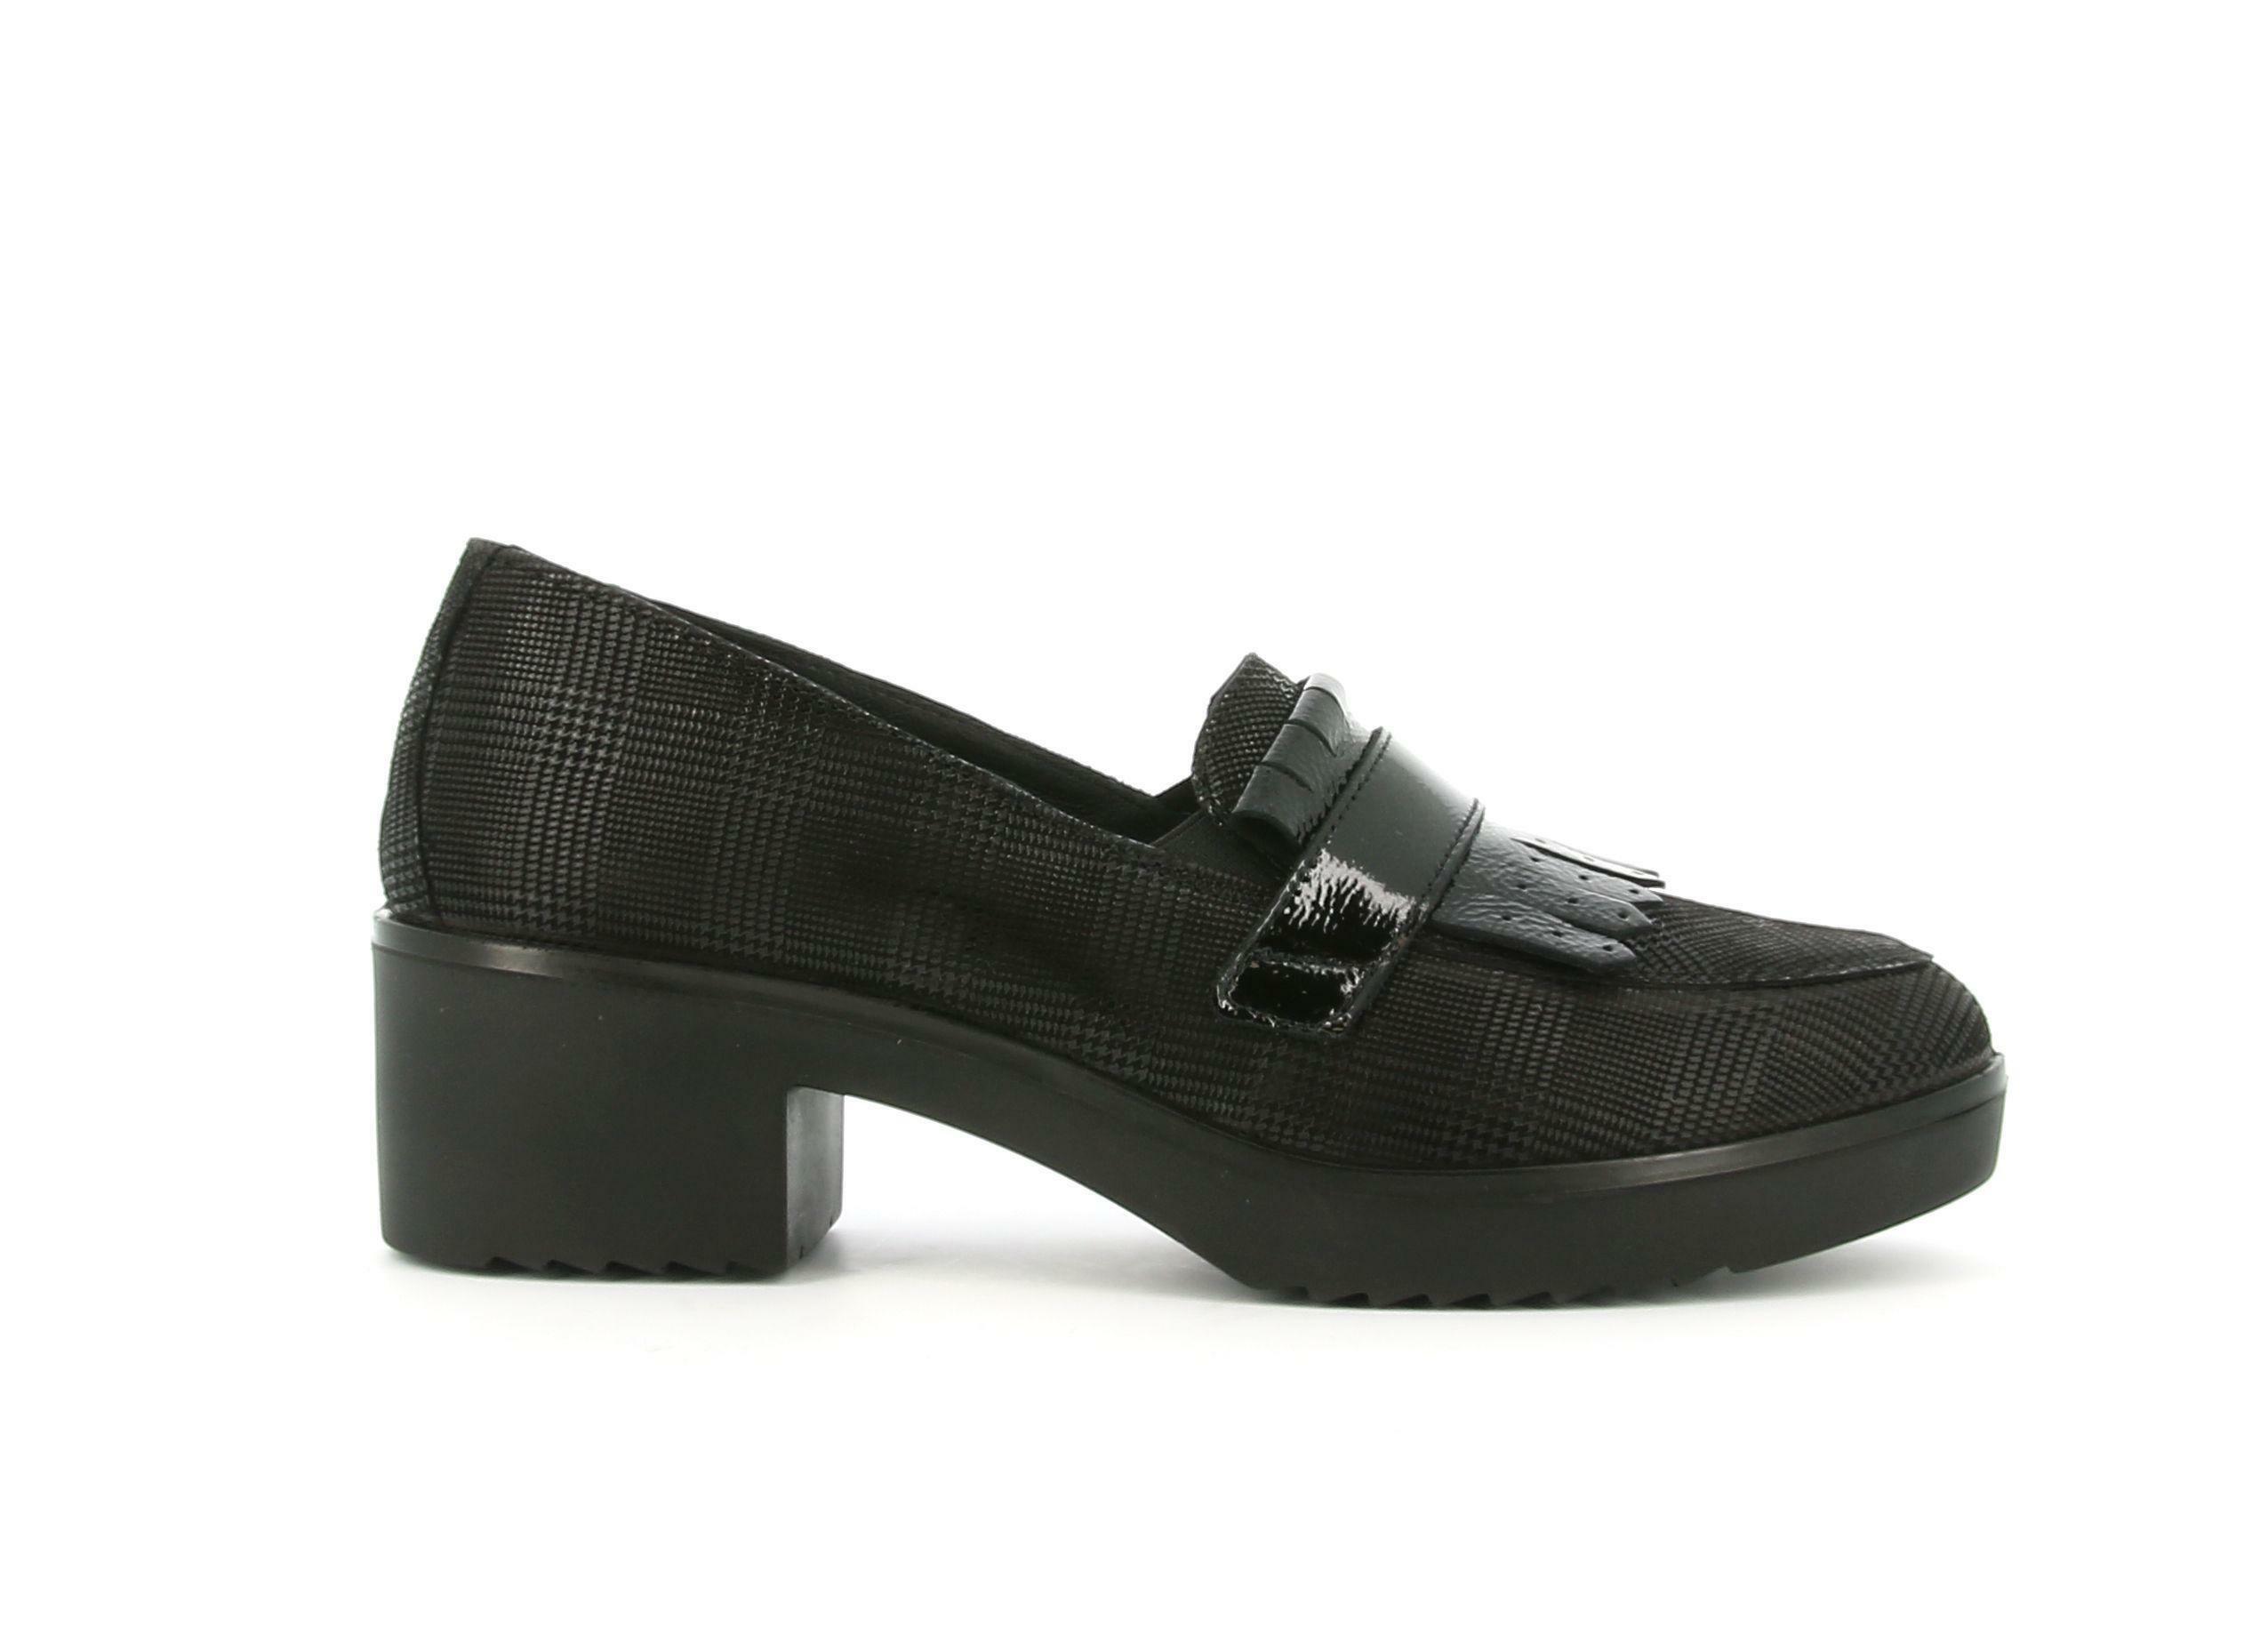 enval enval soft 6250100 nero mocassino donna